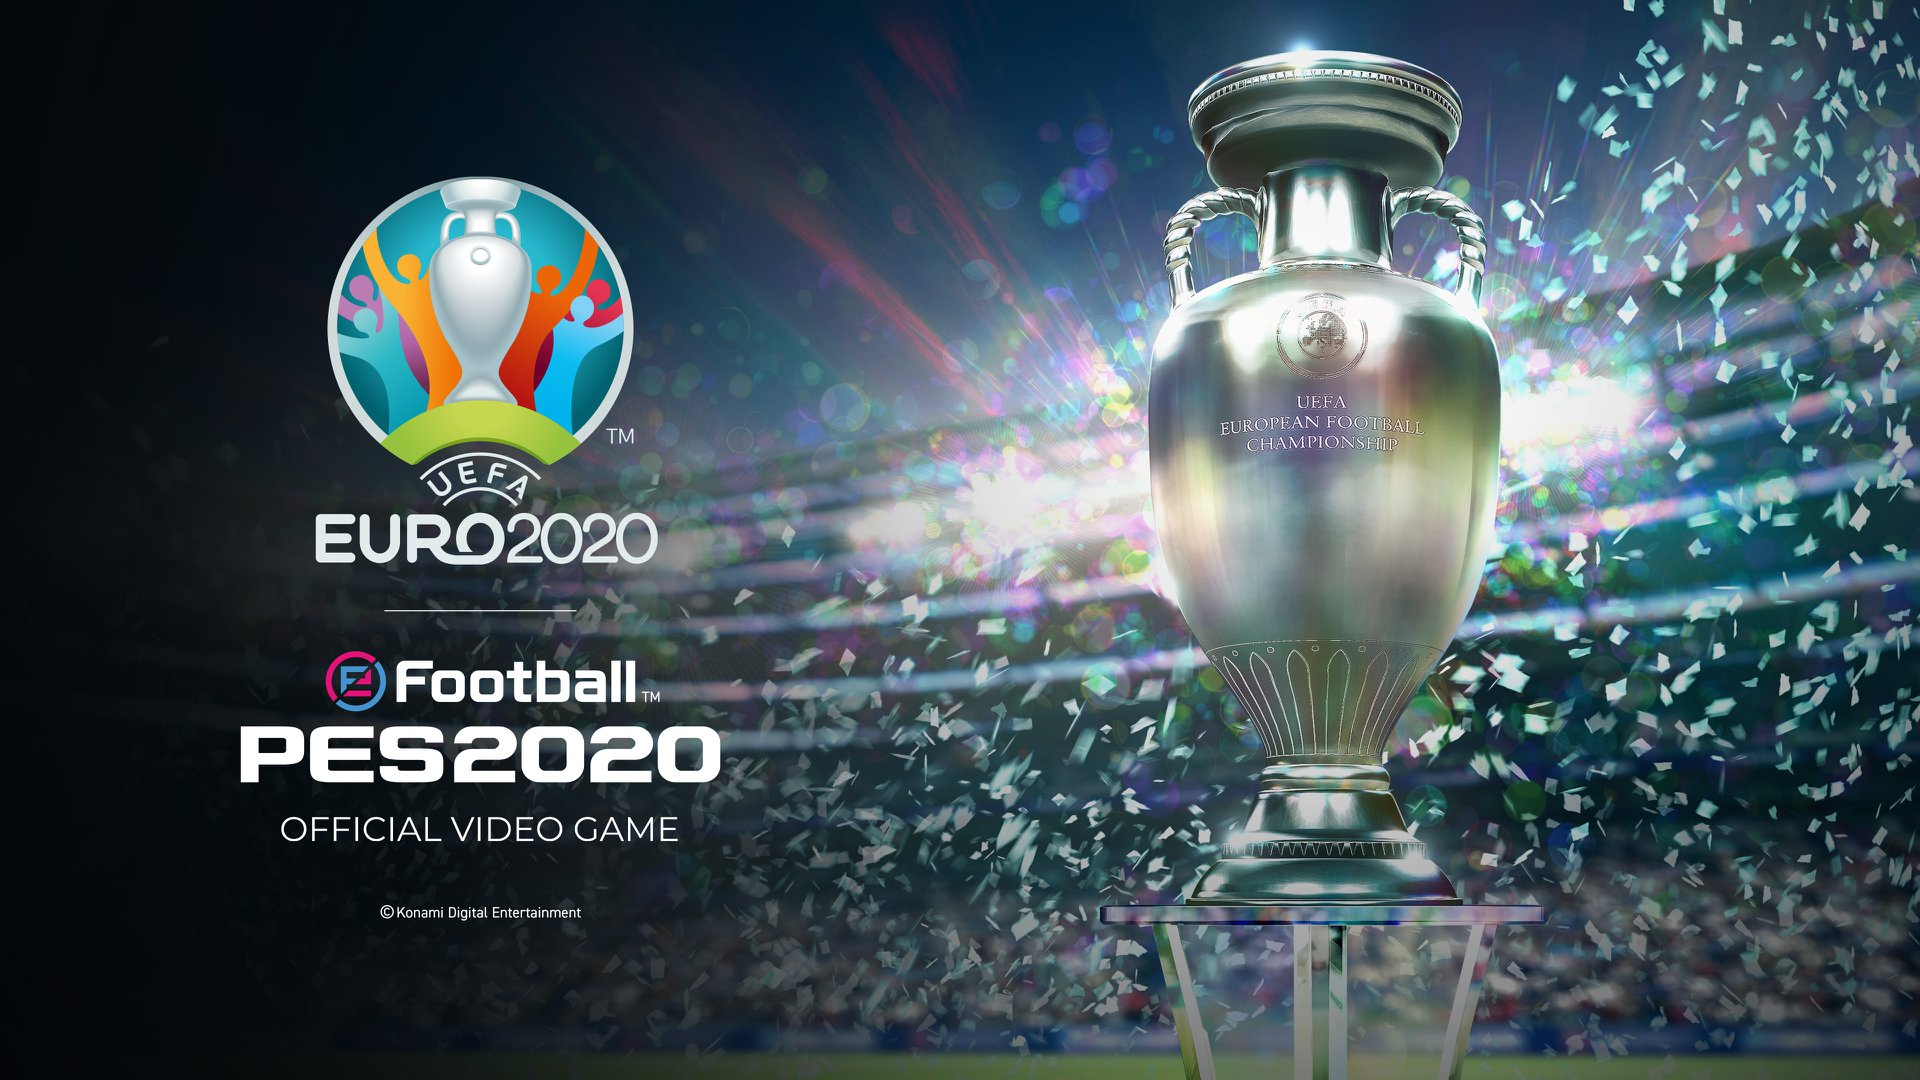 Бесплатное дополнение UEFA Euro 2020 для eFootball PES 2020 прибудет в следующем месяце